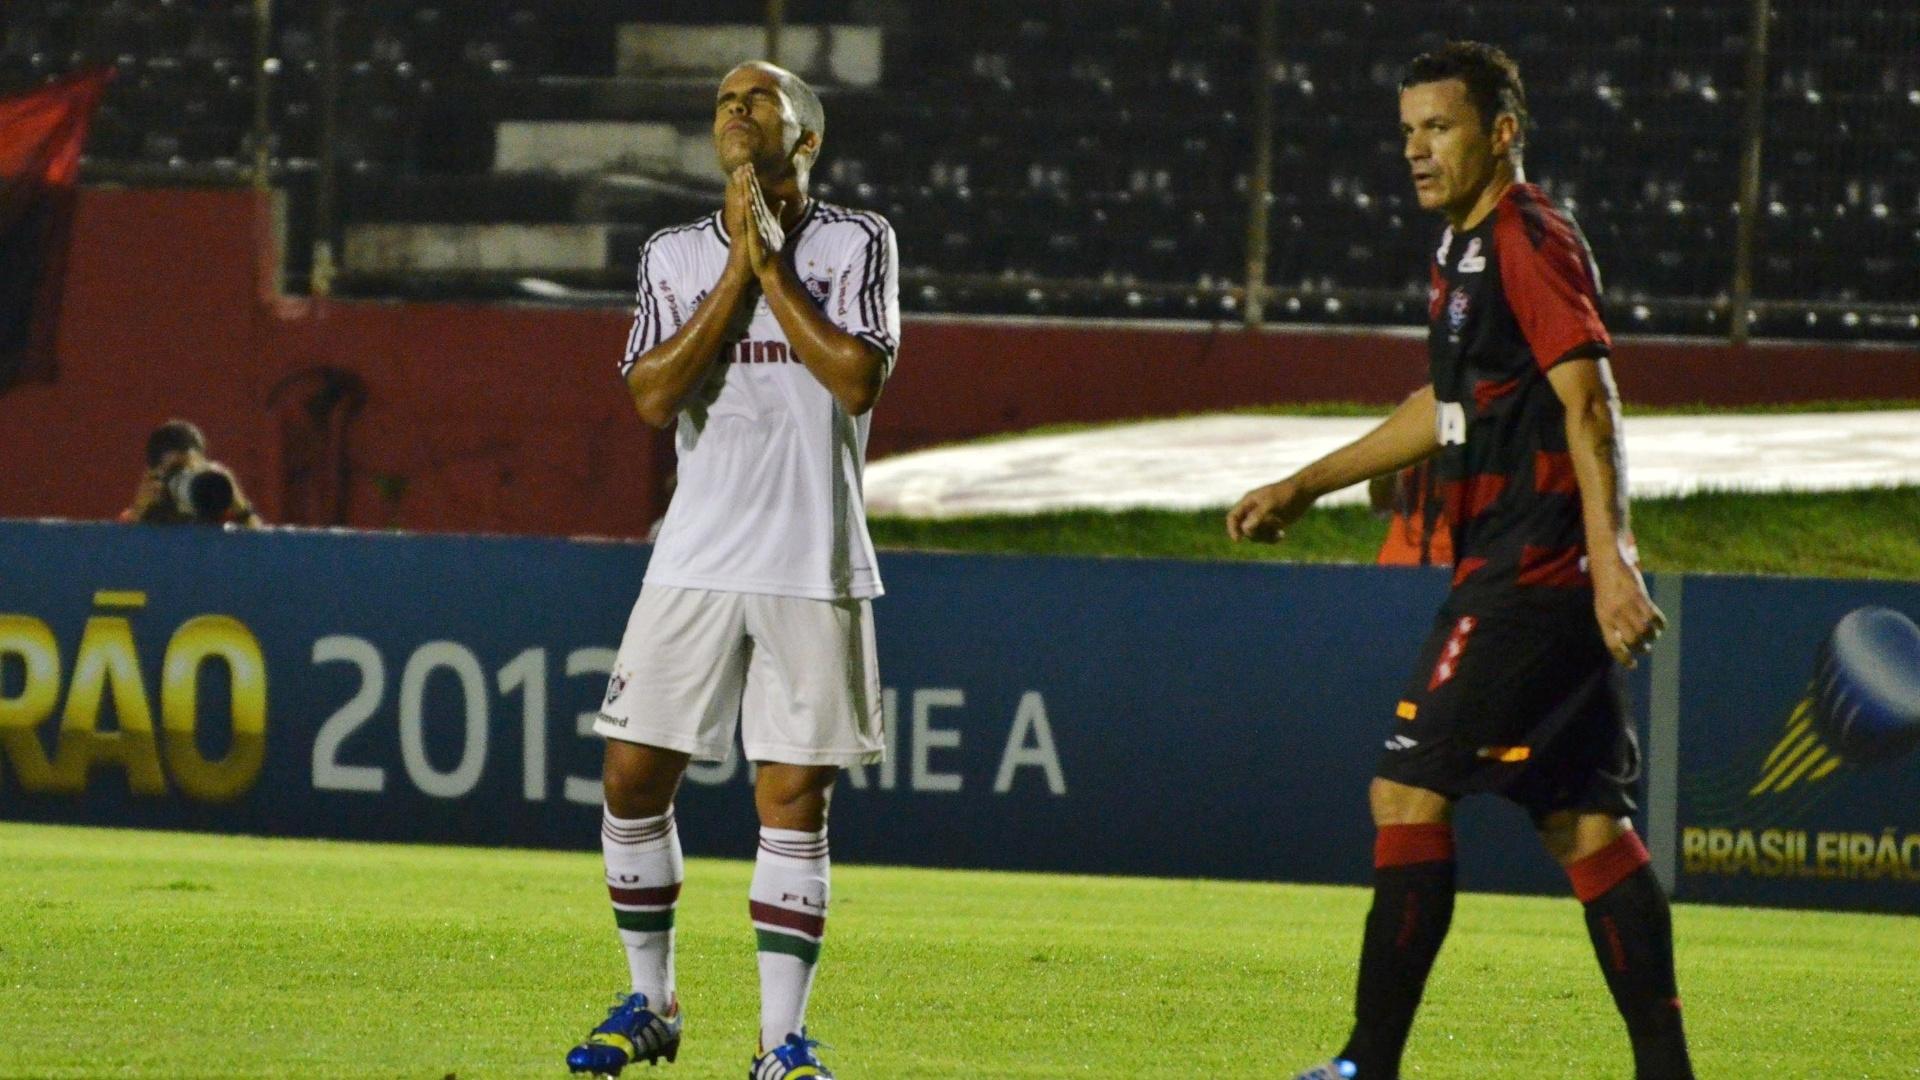 07.08.13 - Felipe lamenta chance desperdiçada pelo Fluminense contra o Vitória pelo Brasileirão